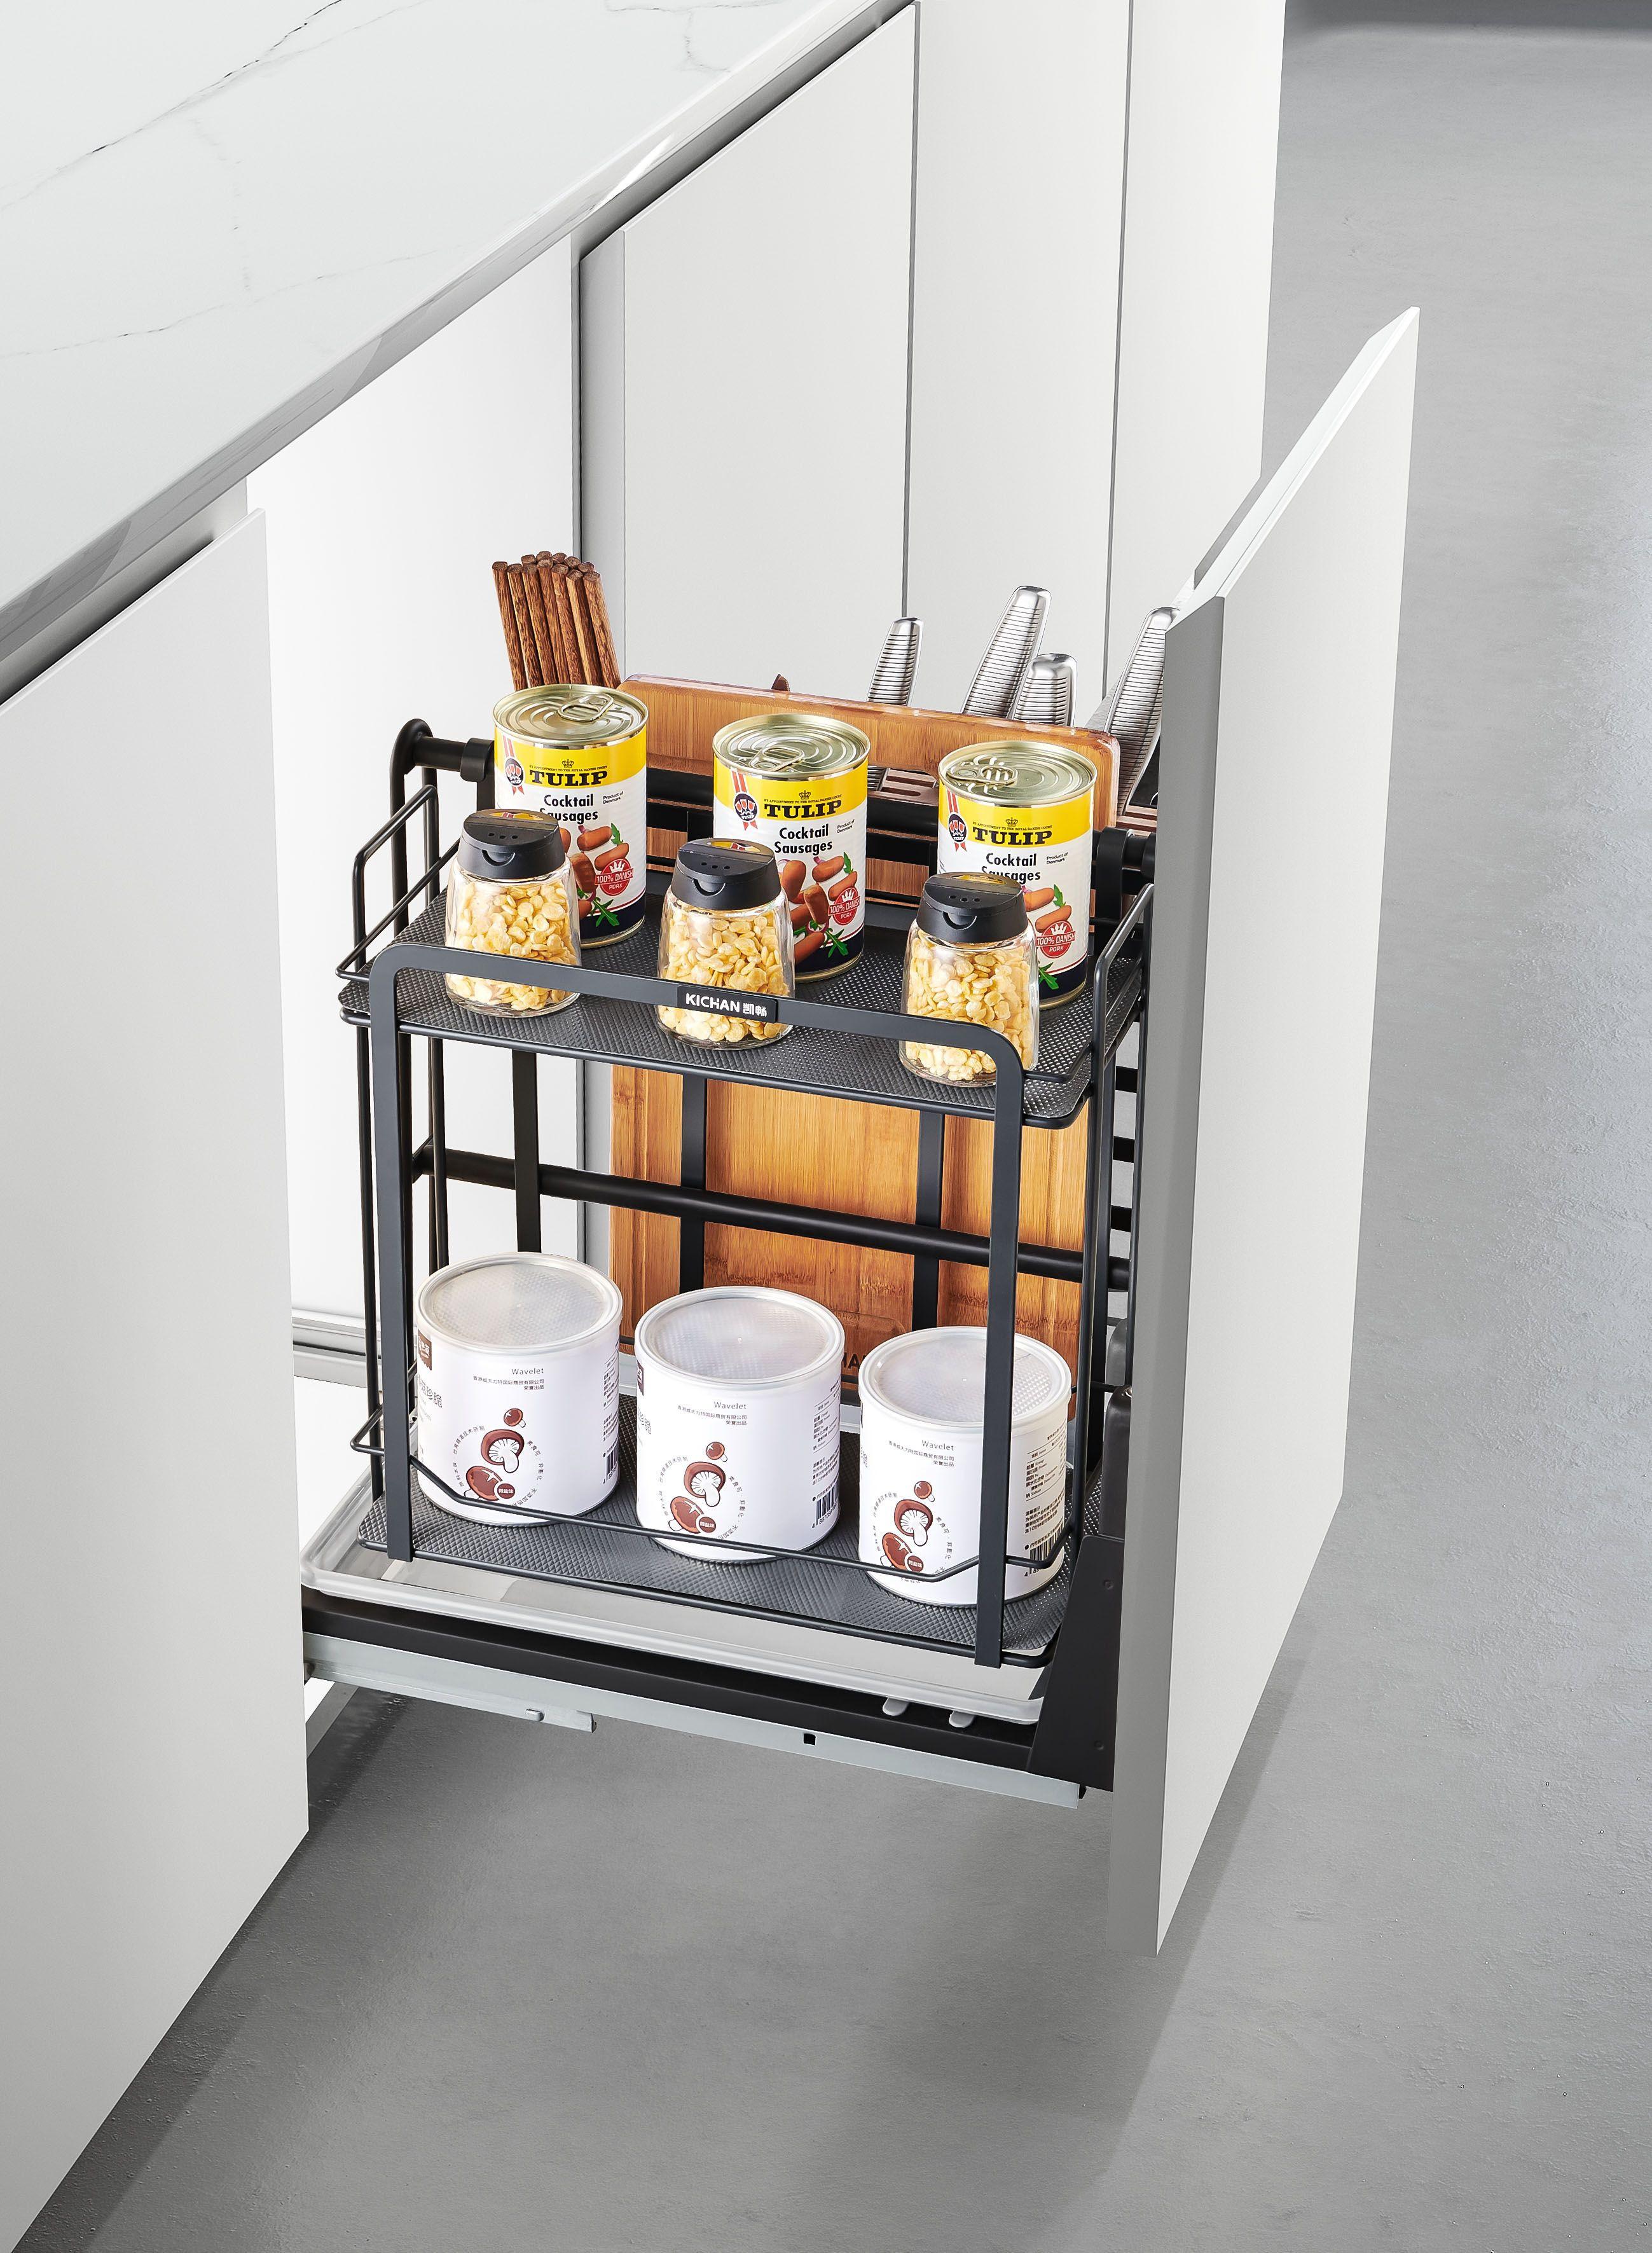 Kitchen Cabinet Accessories Multipurpose Spice Basket Kitchen Cabinet Accessories Multipurpose Spice Basket Suppliers Manufacturers Tradewheel